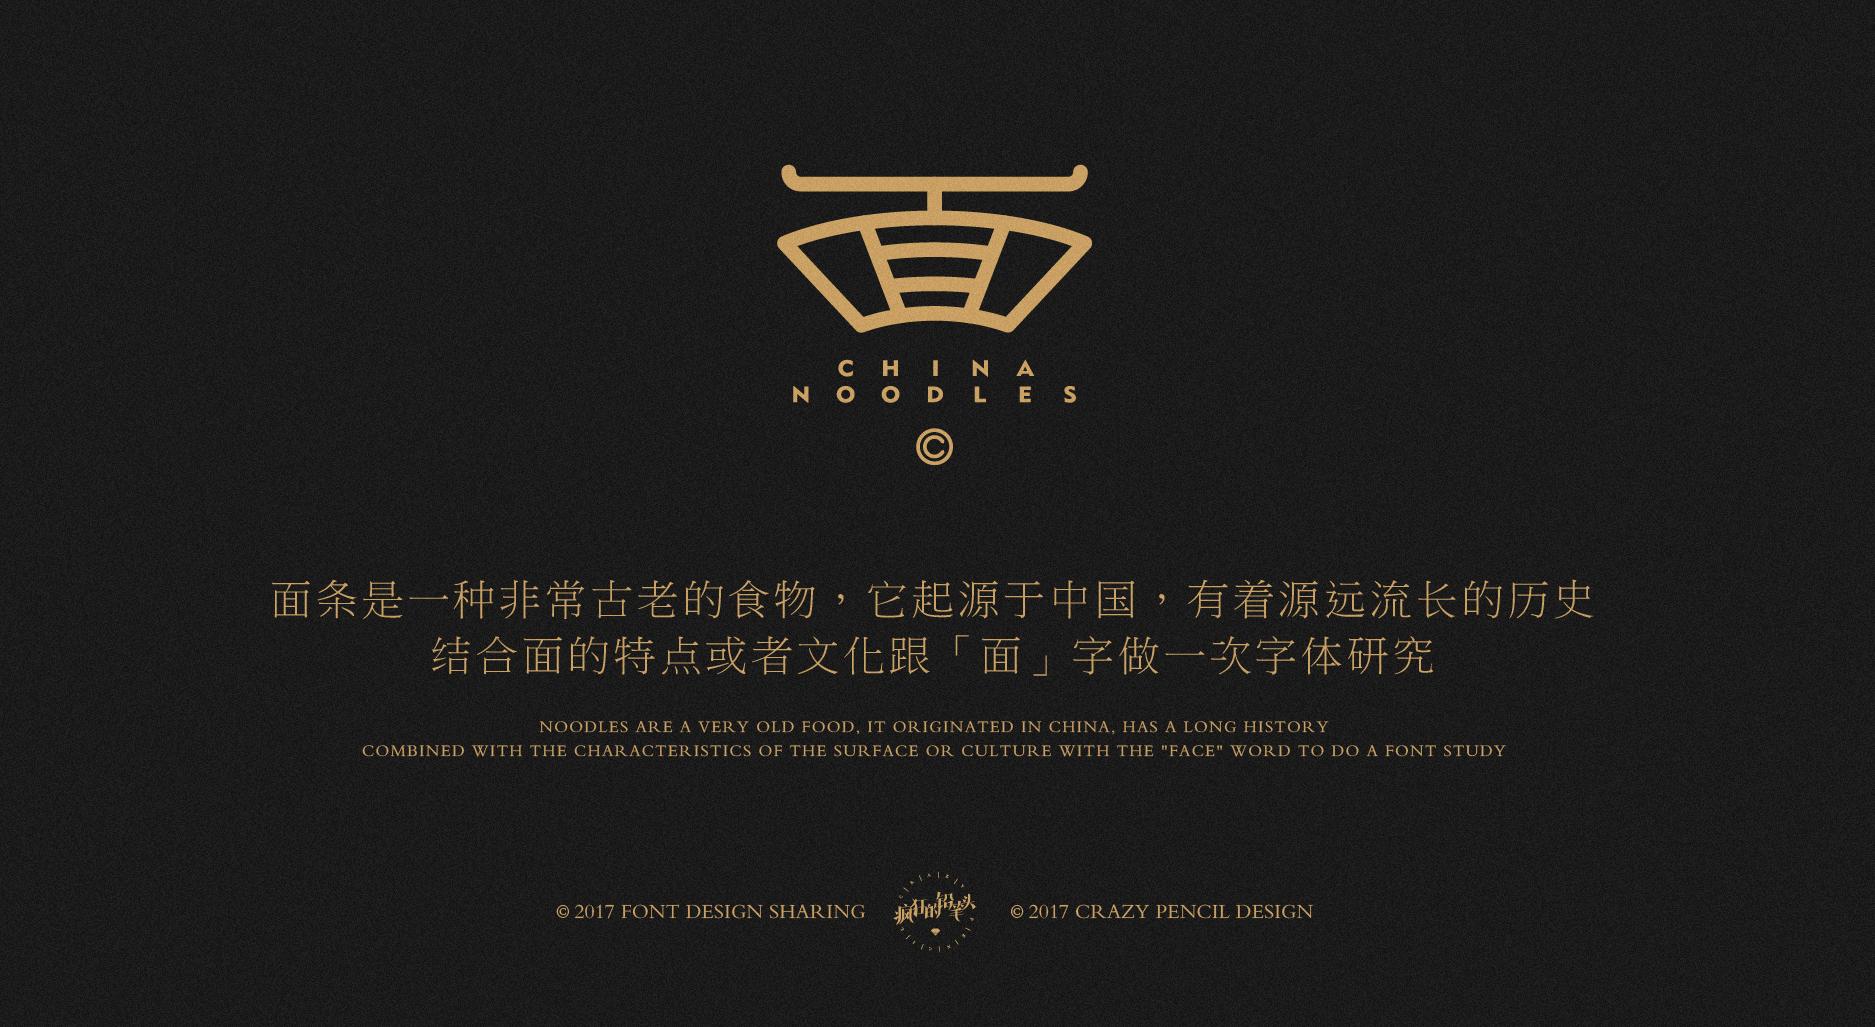 中国·面字体设计——疯狂的铅笔头图片